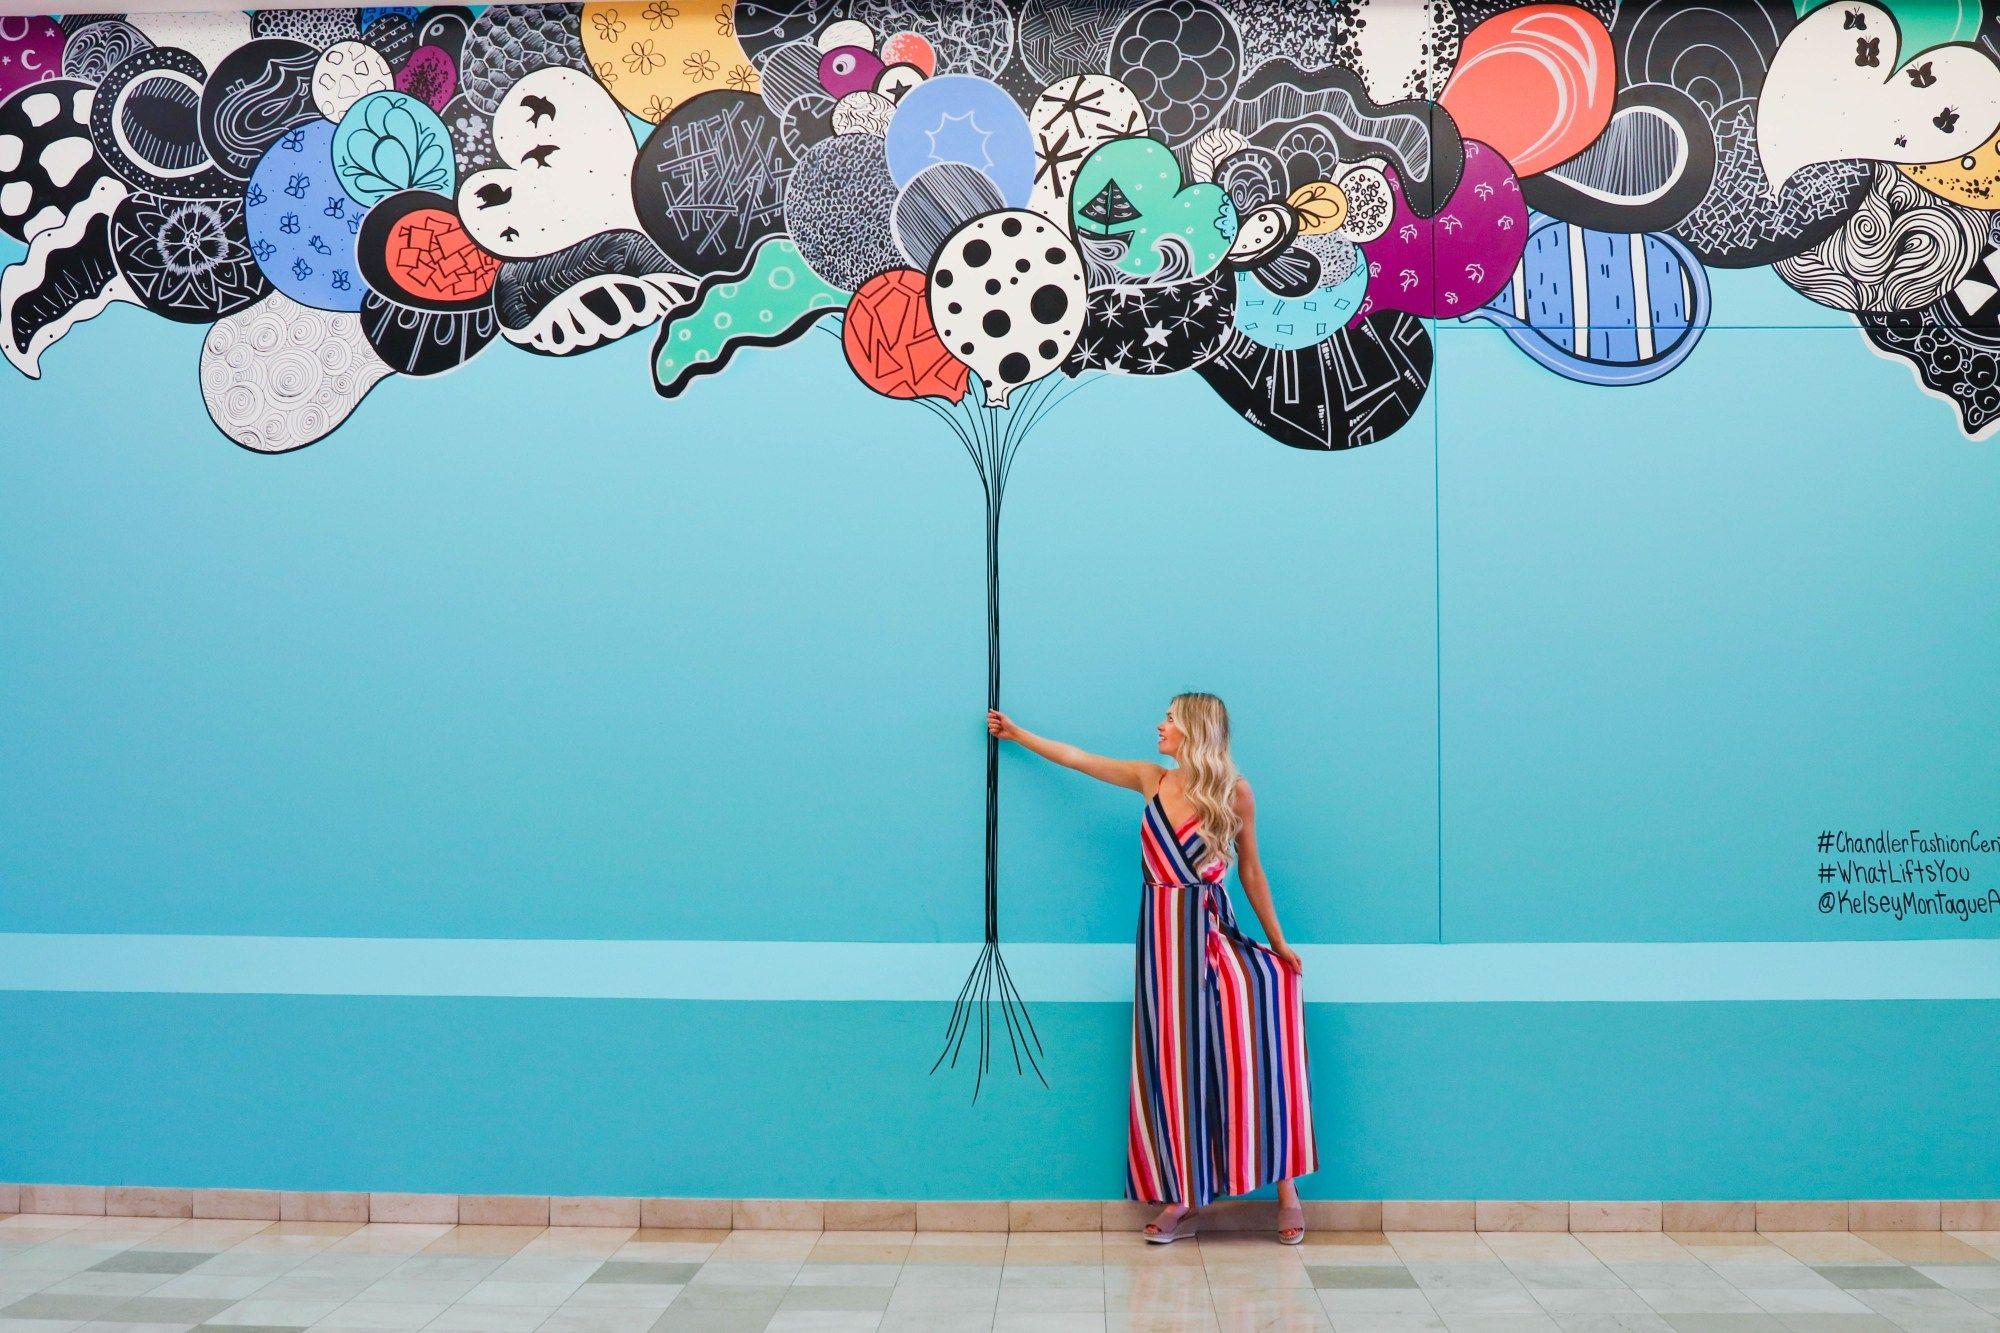 Instagrammable Walls In Phoenix And Mesa Arizona Pursuing Pretty Graffiti Wall Art Instagram Wall Art Murals Street Art